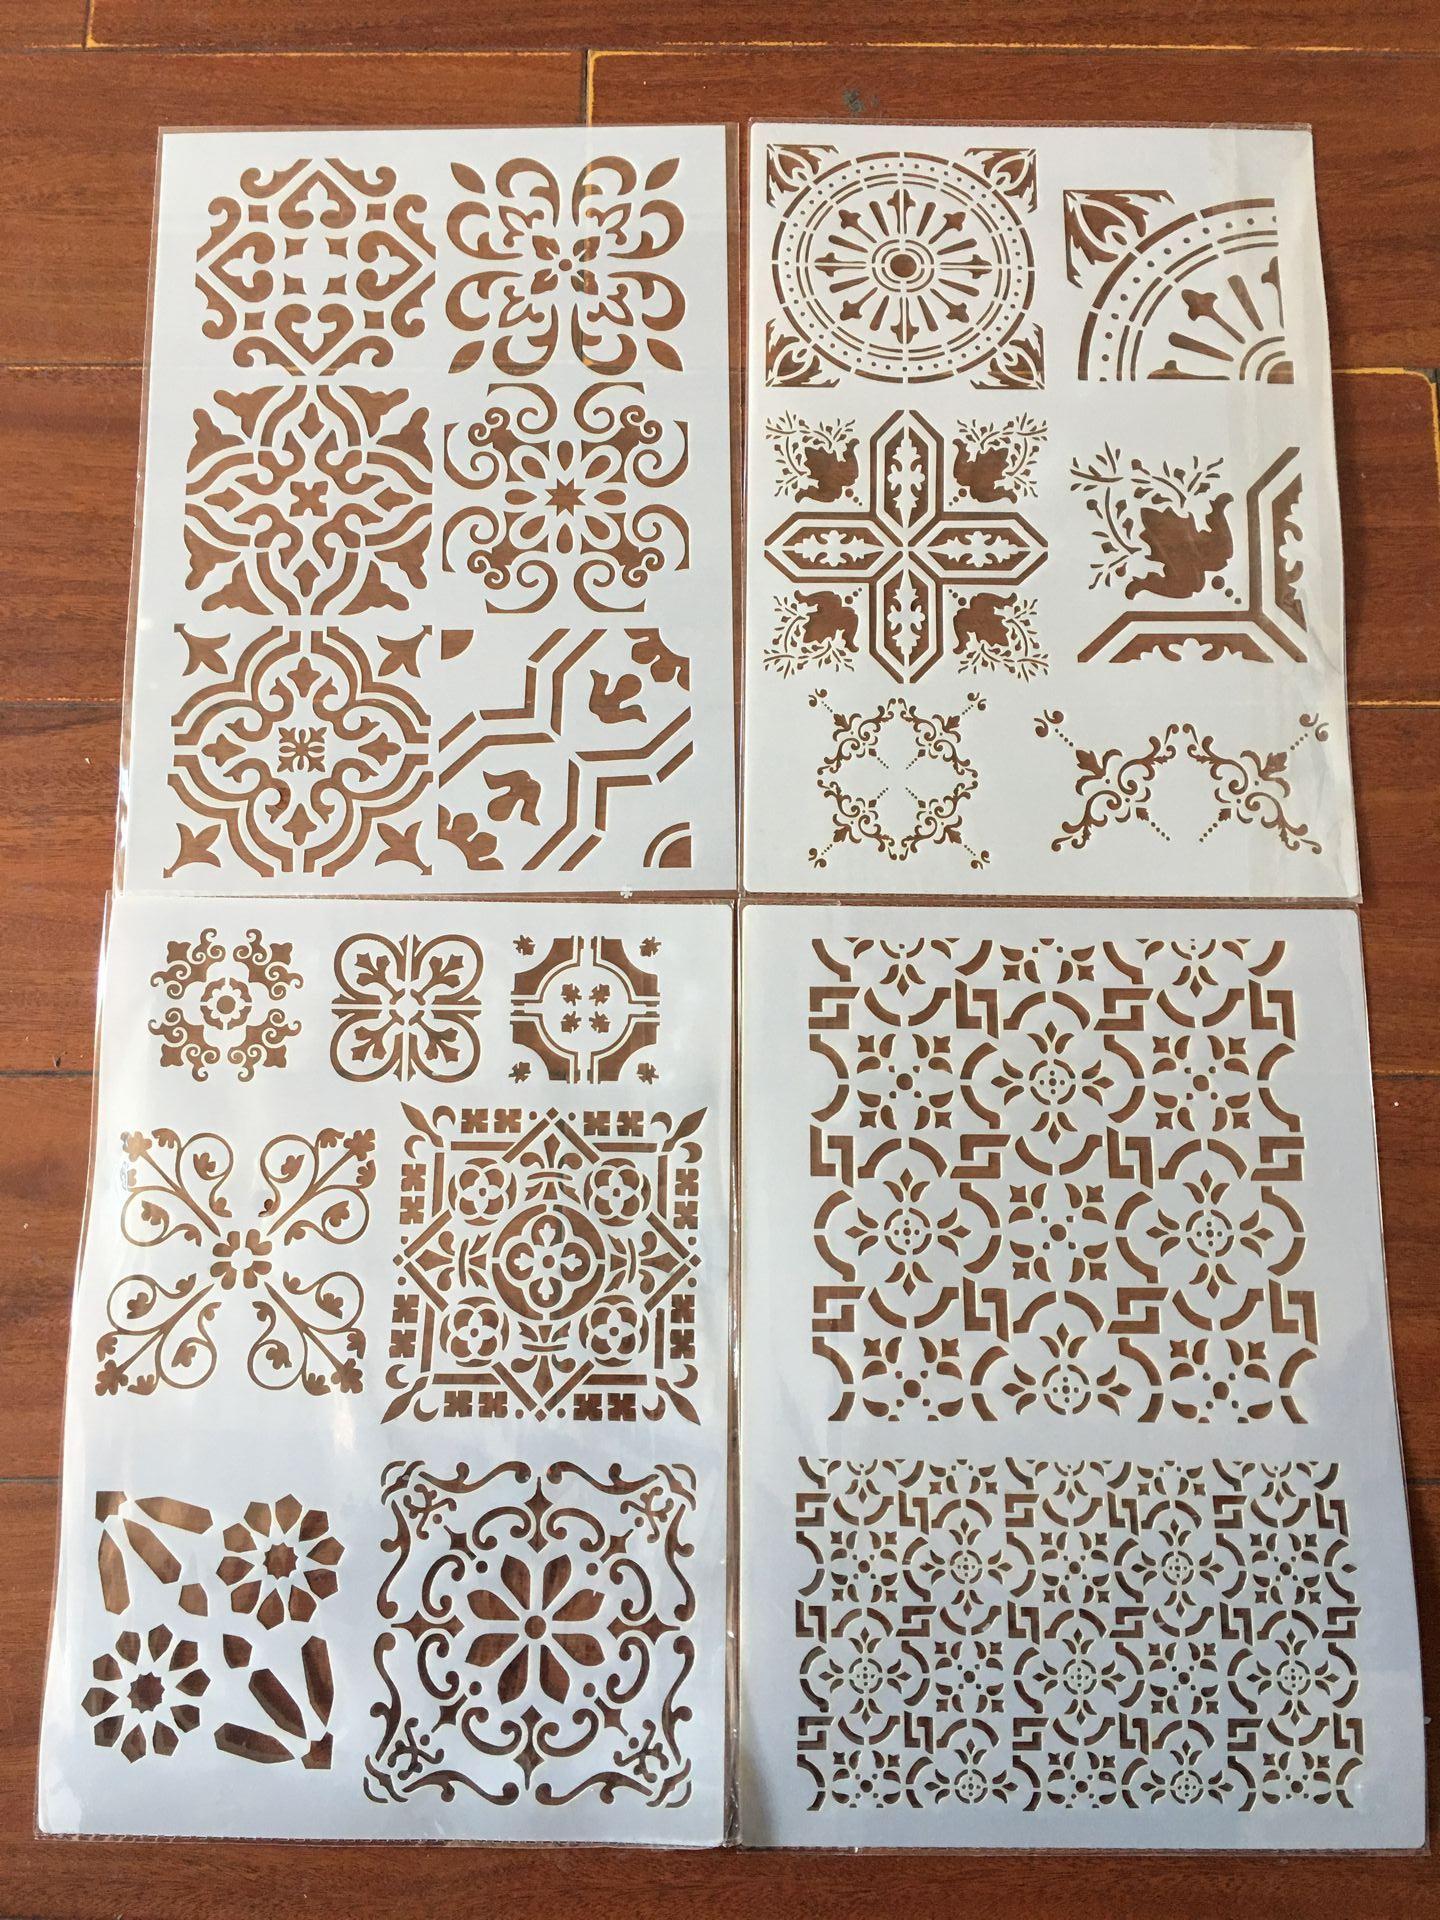 4pcs / set A4 Window flower lace Stencils Painting Coloring Embossing Scrapbook Album Decorative Template